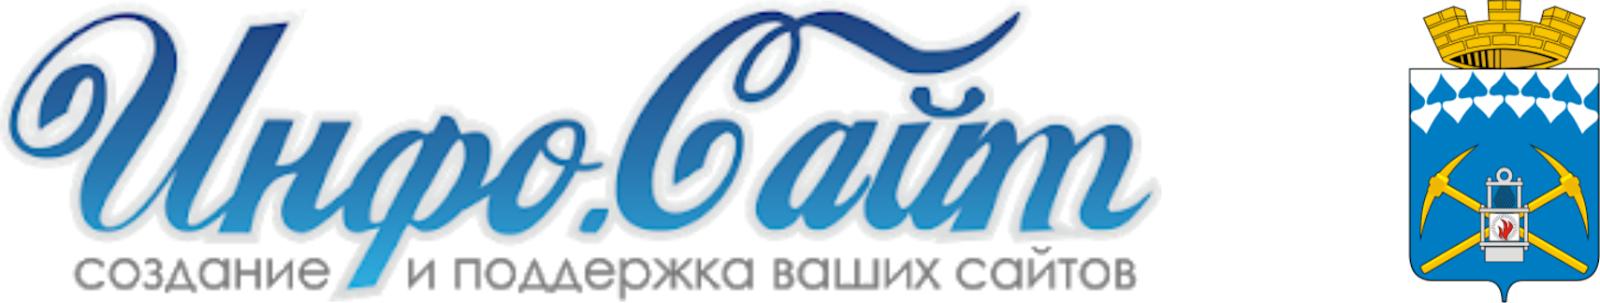 Белово 🌍 Новости : Информационный агрегатор Инфо-Сайт